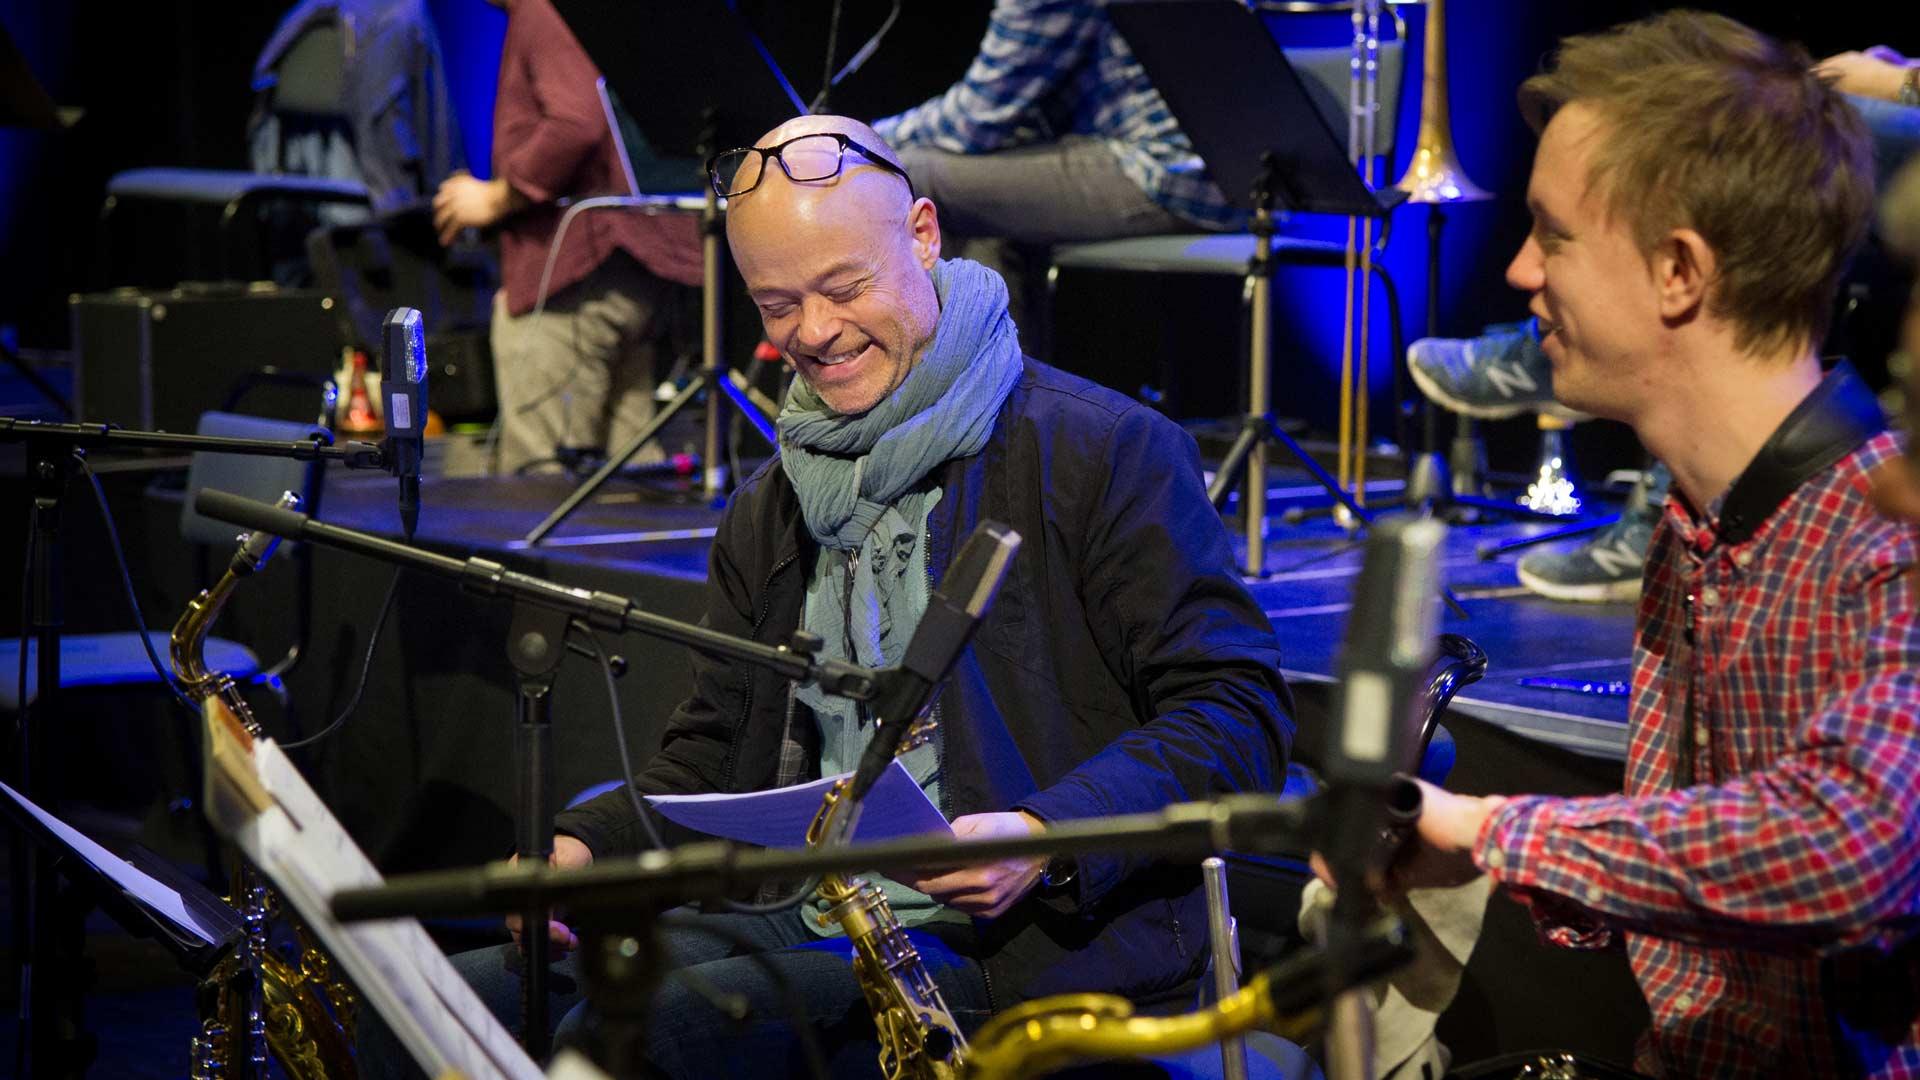 Musikern Joakim pratar med sin kollega i storbandet